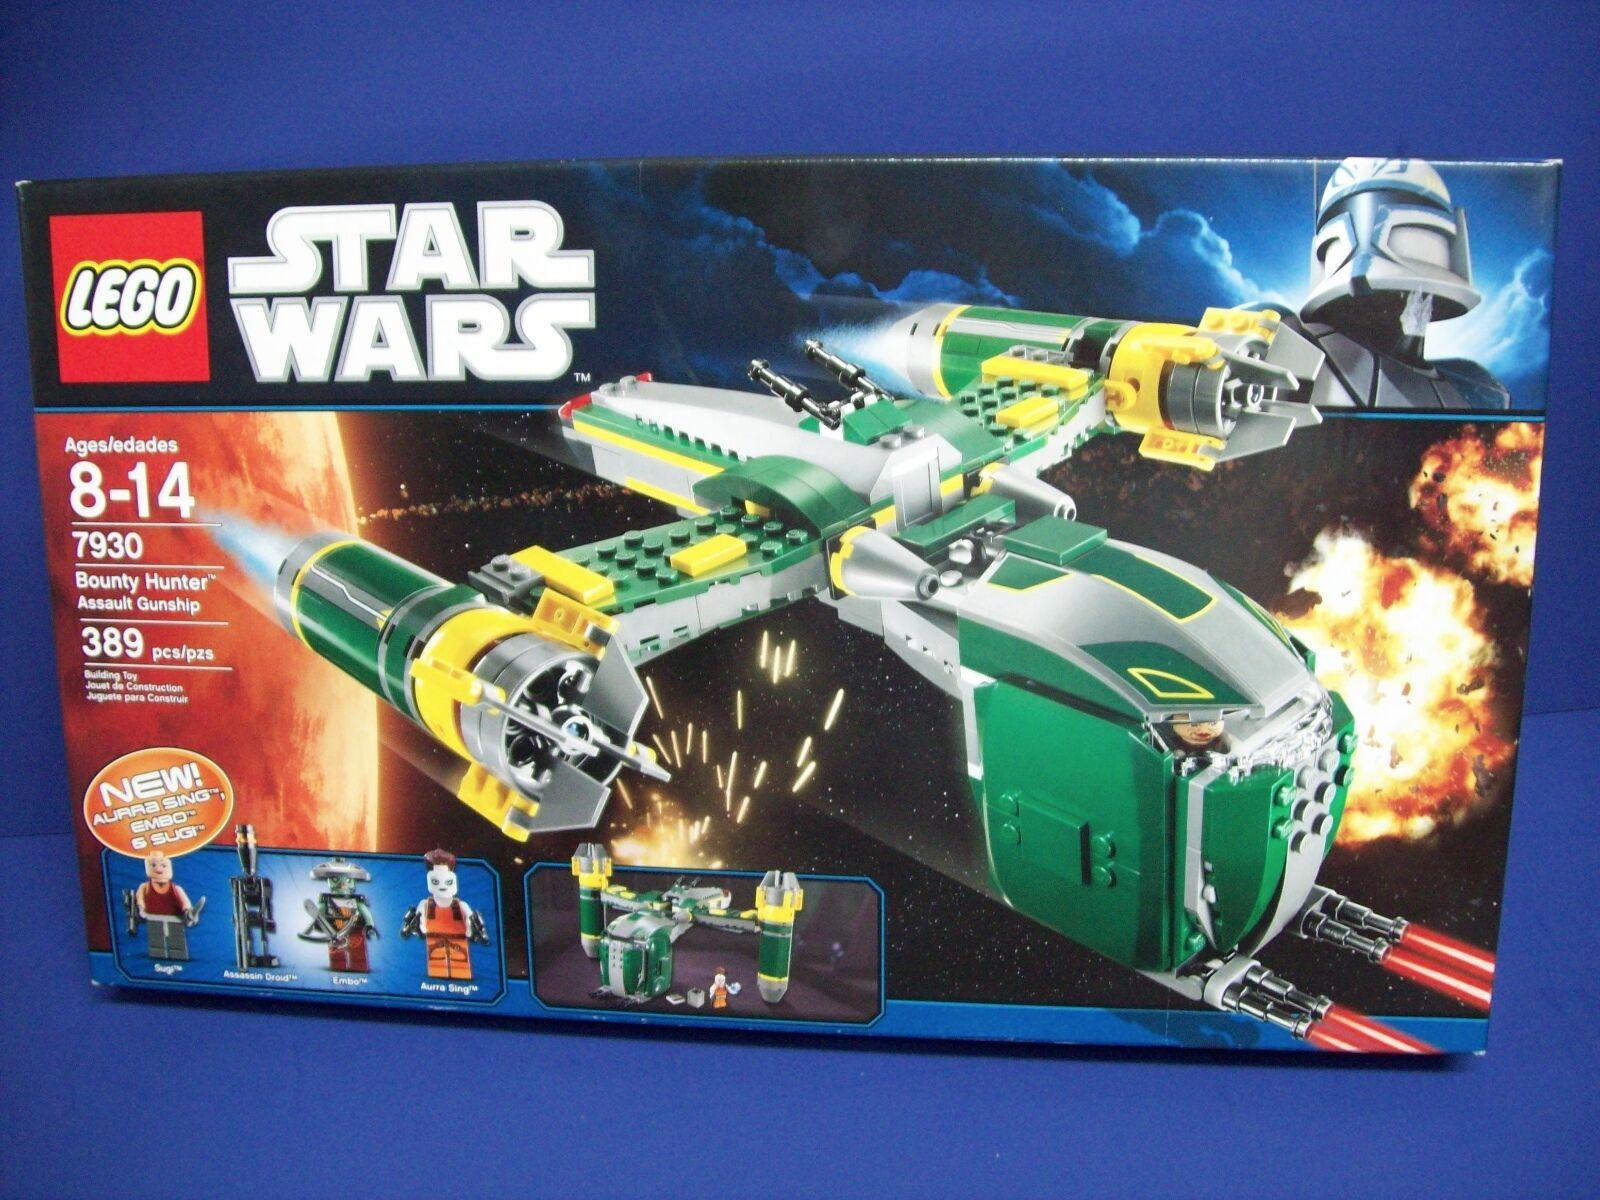 Lego 7930 Star Wars ~ Jedi Cacciatore di Taglie Assalto Cannoniera ~ Nuovo